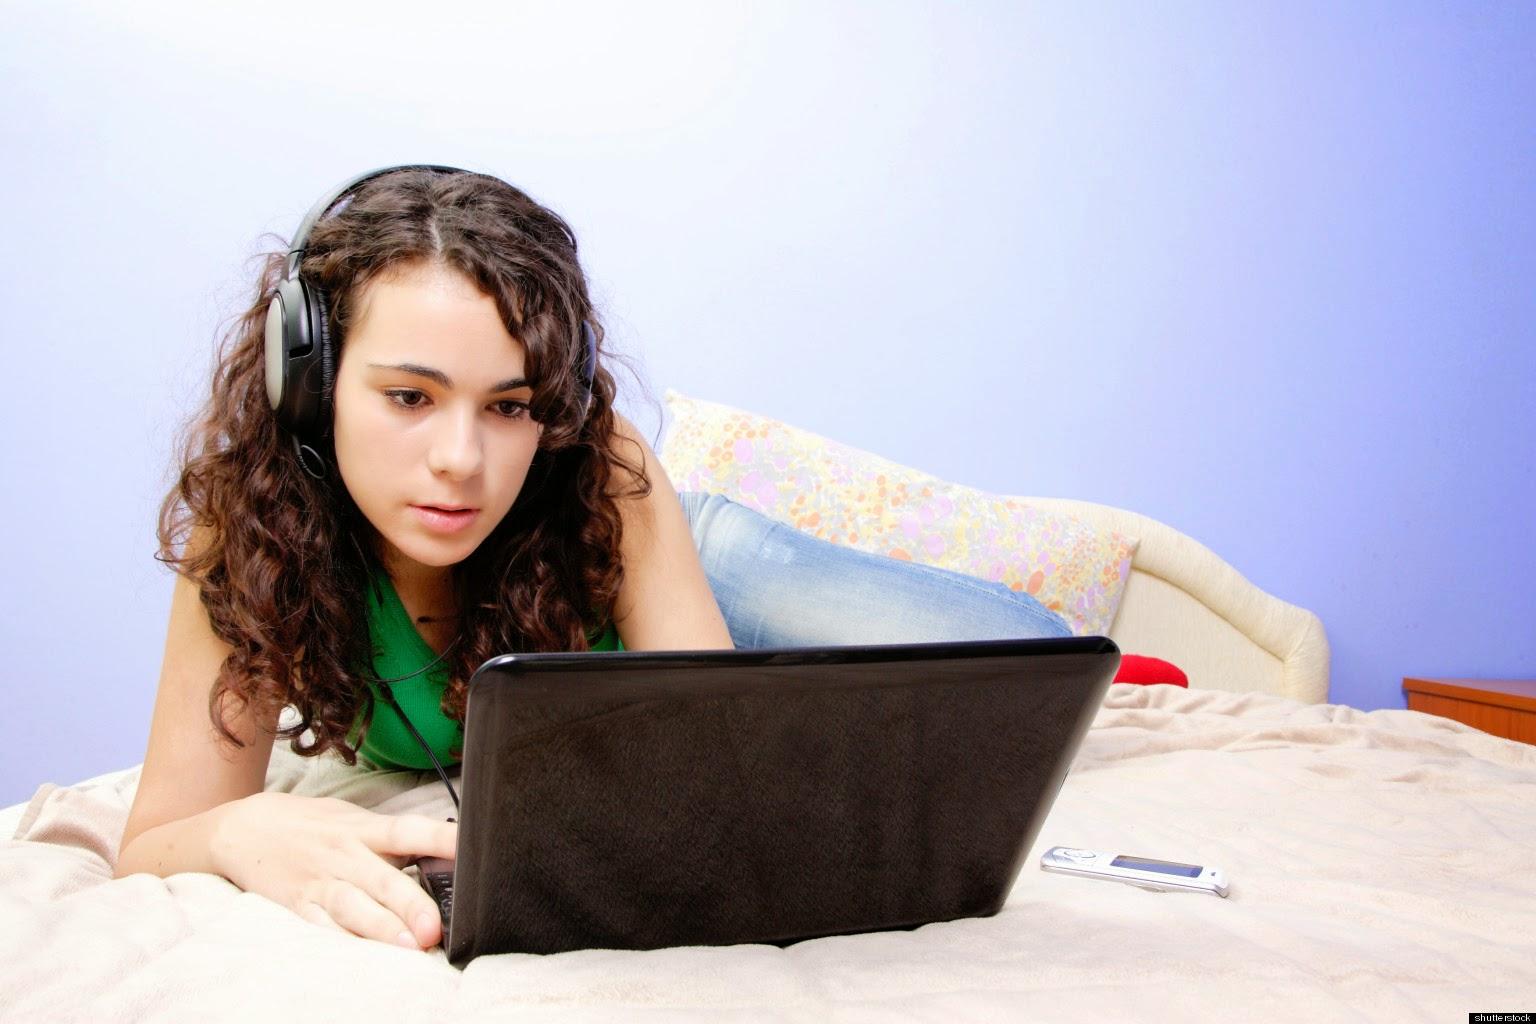 Порно чат бесплатно, порно видеочат онлайн, порно чат рулетка